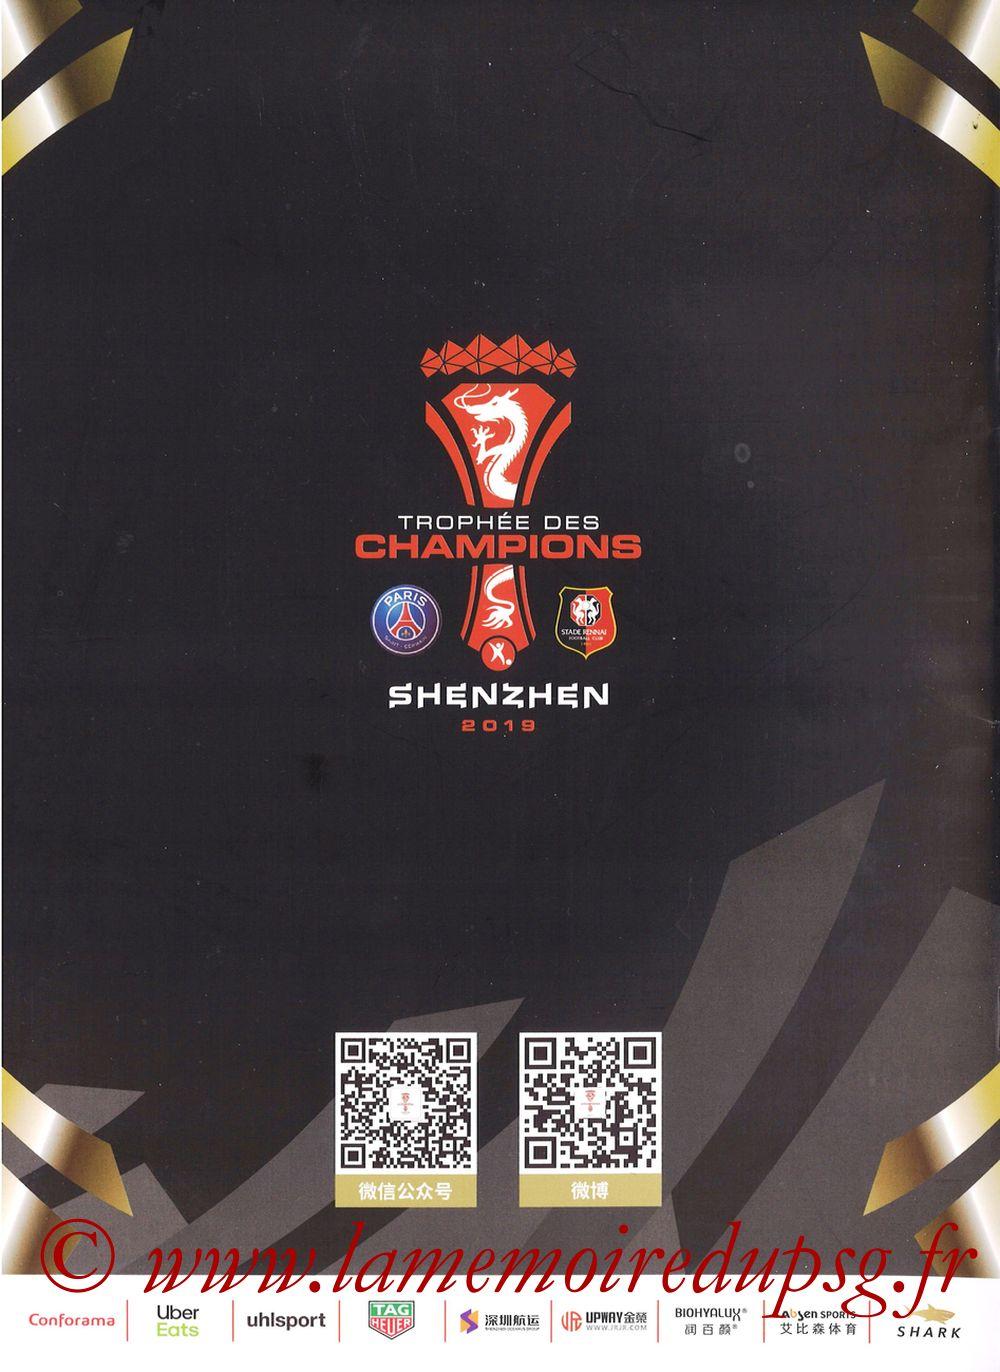 2019-08-03  PSG-Rennes (Trophée des Champions à Shenzhen, Dossier de presse) - Page 15